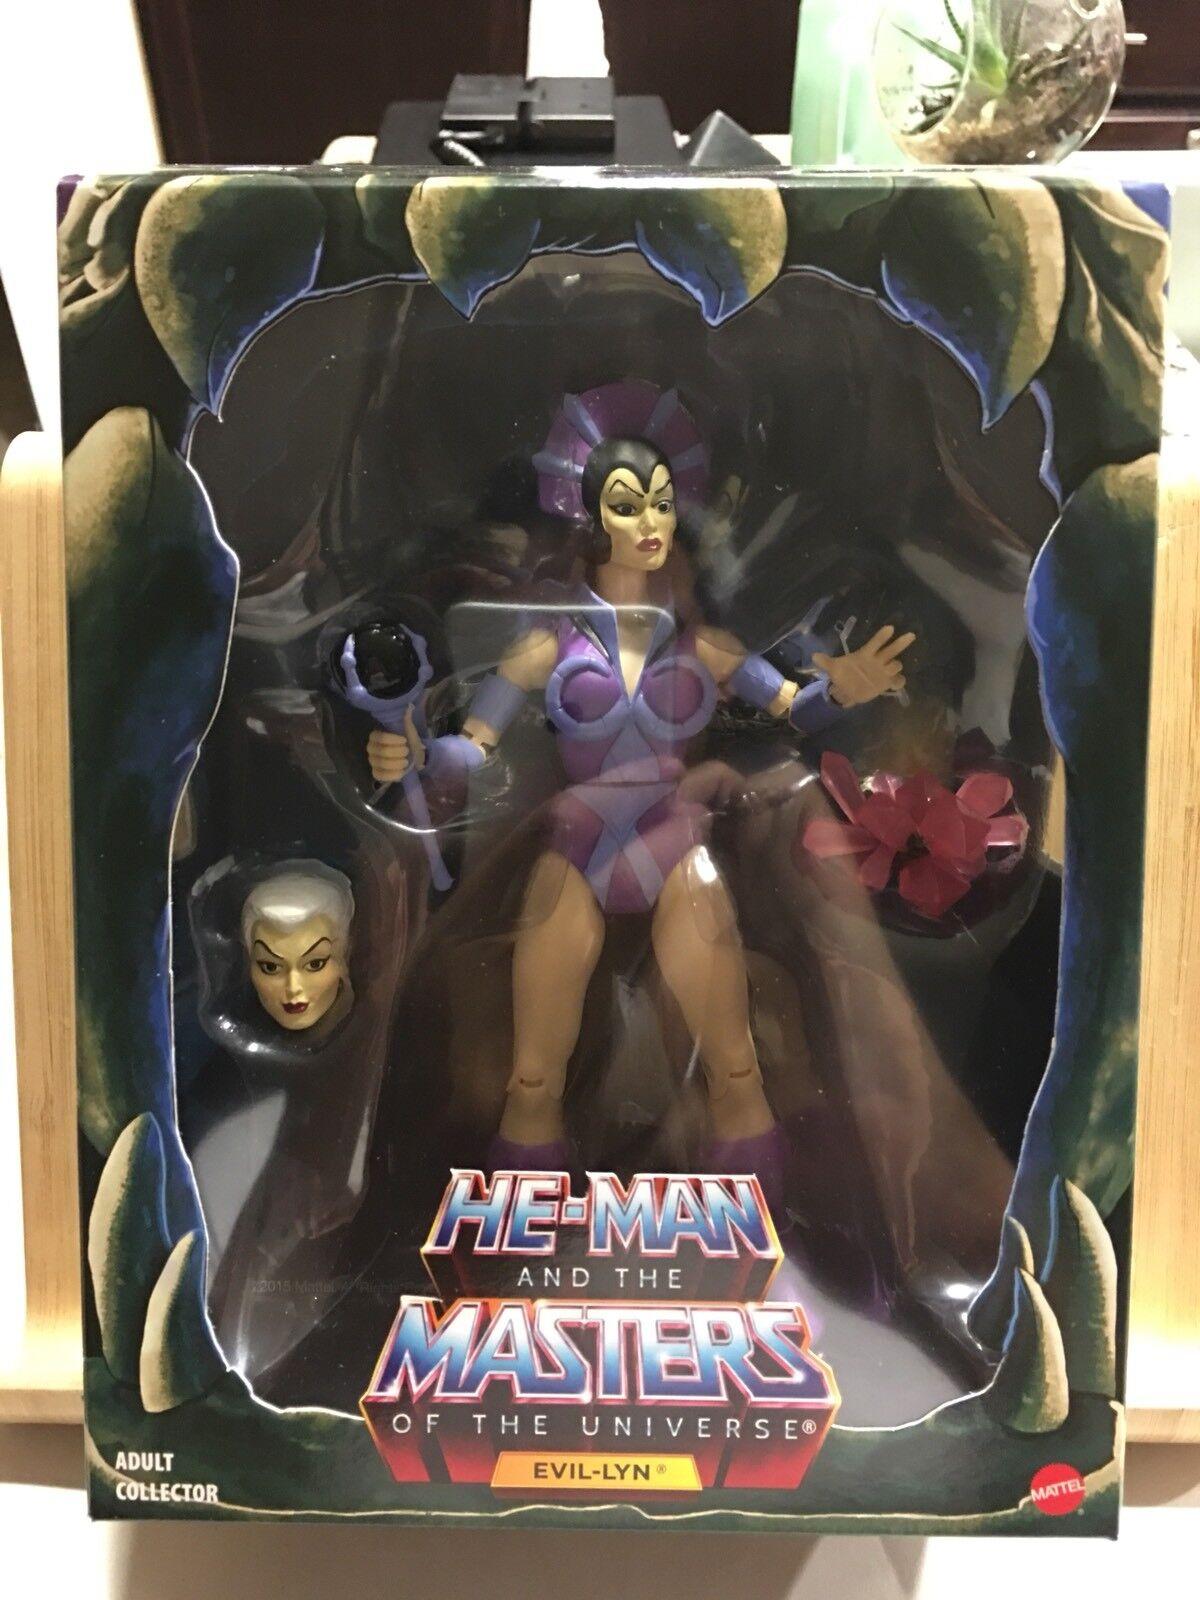 mejor vendido Heman Amos Del Universo clásicos 2.0 2.0 2.0 Evil Lyn Filmation Amos Del Universo Mattel Menta en Caja Sellada  nuevo listado